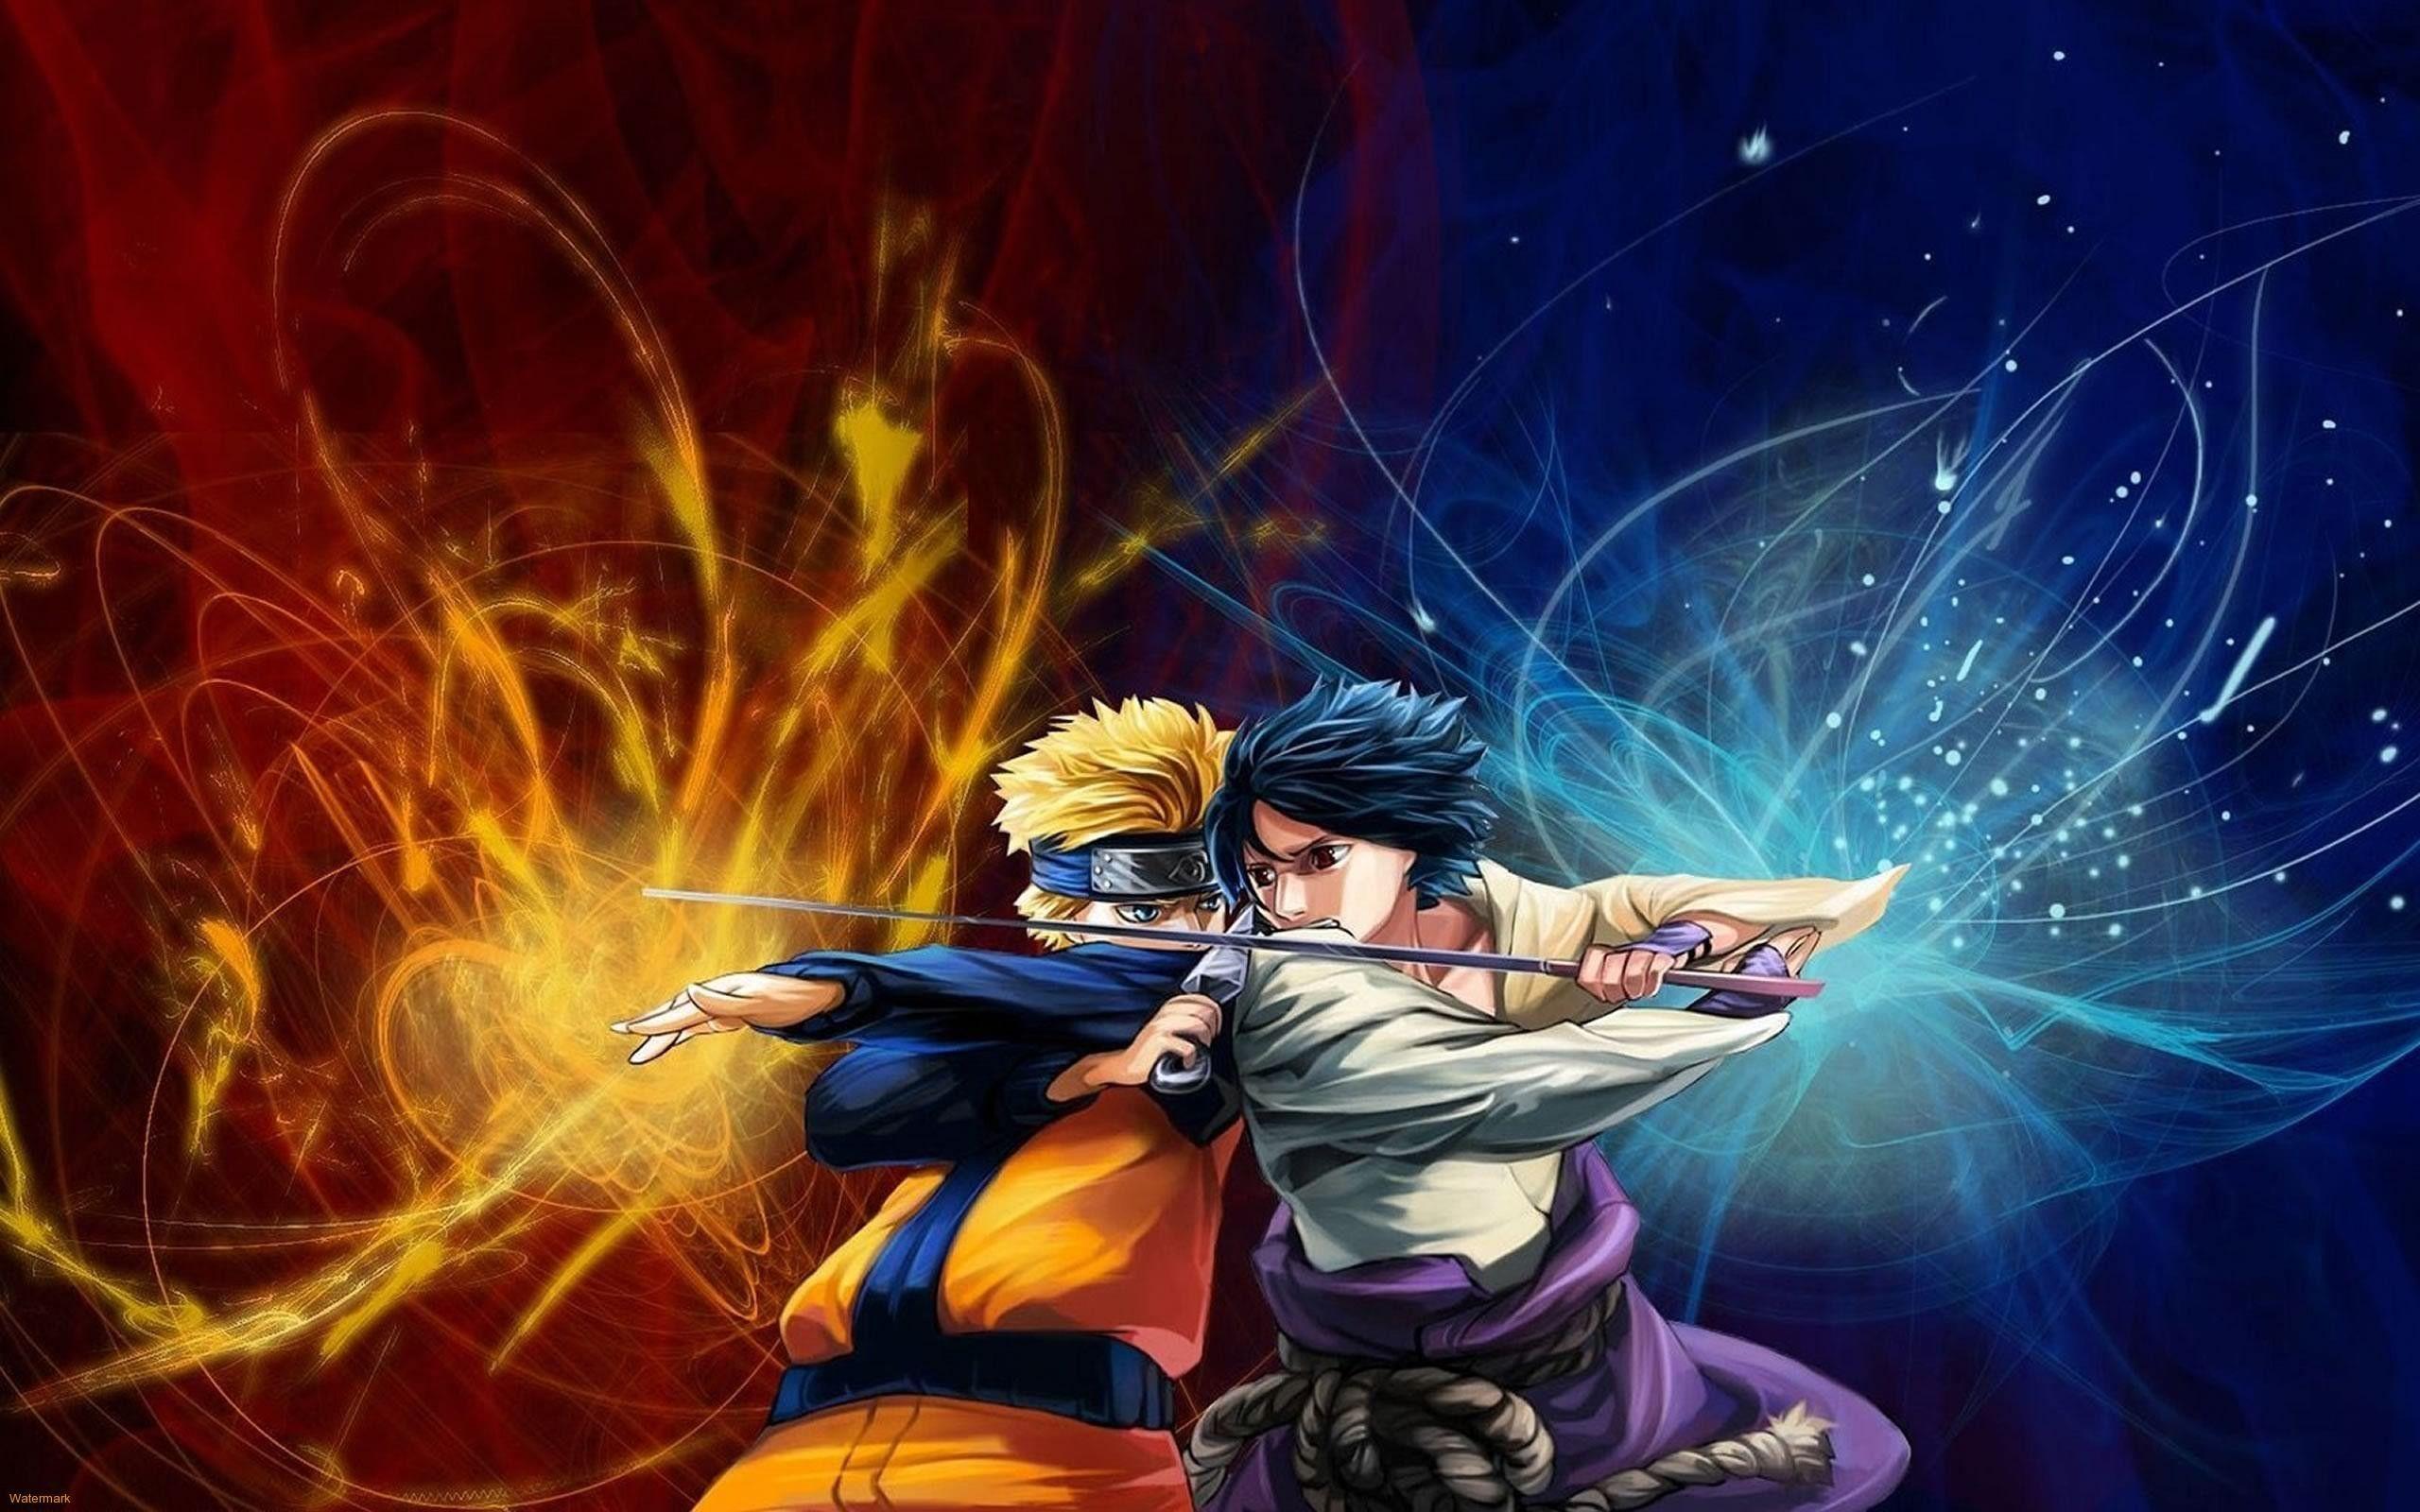 Anime Wallpaper Naruto Naruto And Sasuke Wallpaper Wallpaper Naruto Shippuden Naruto Vs Sasuke